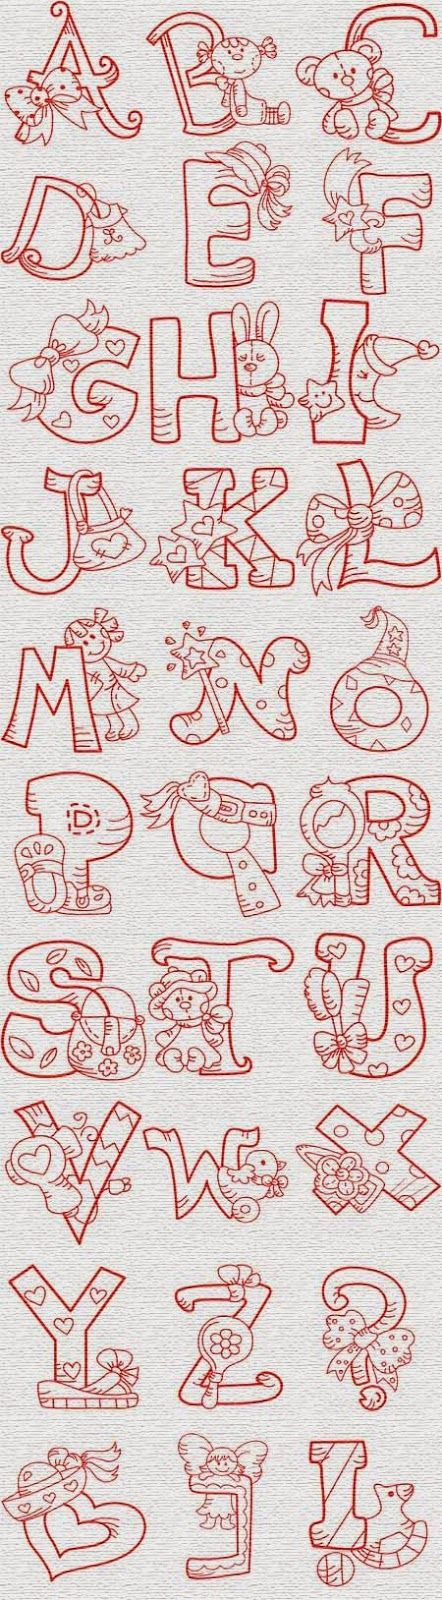 Alfabeto con juguetes y cosas de nena. | Oh my Alfabetos!